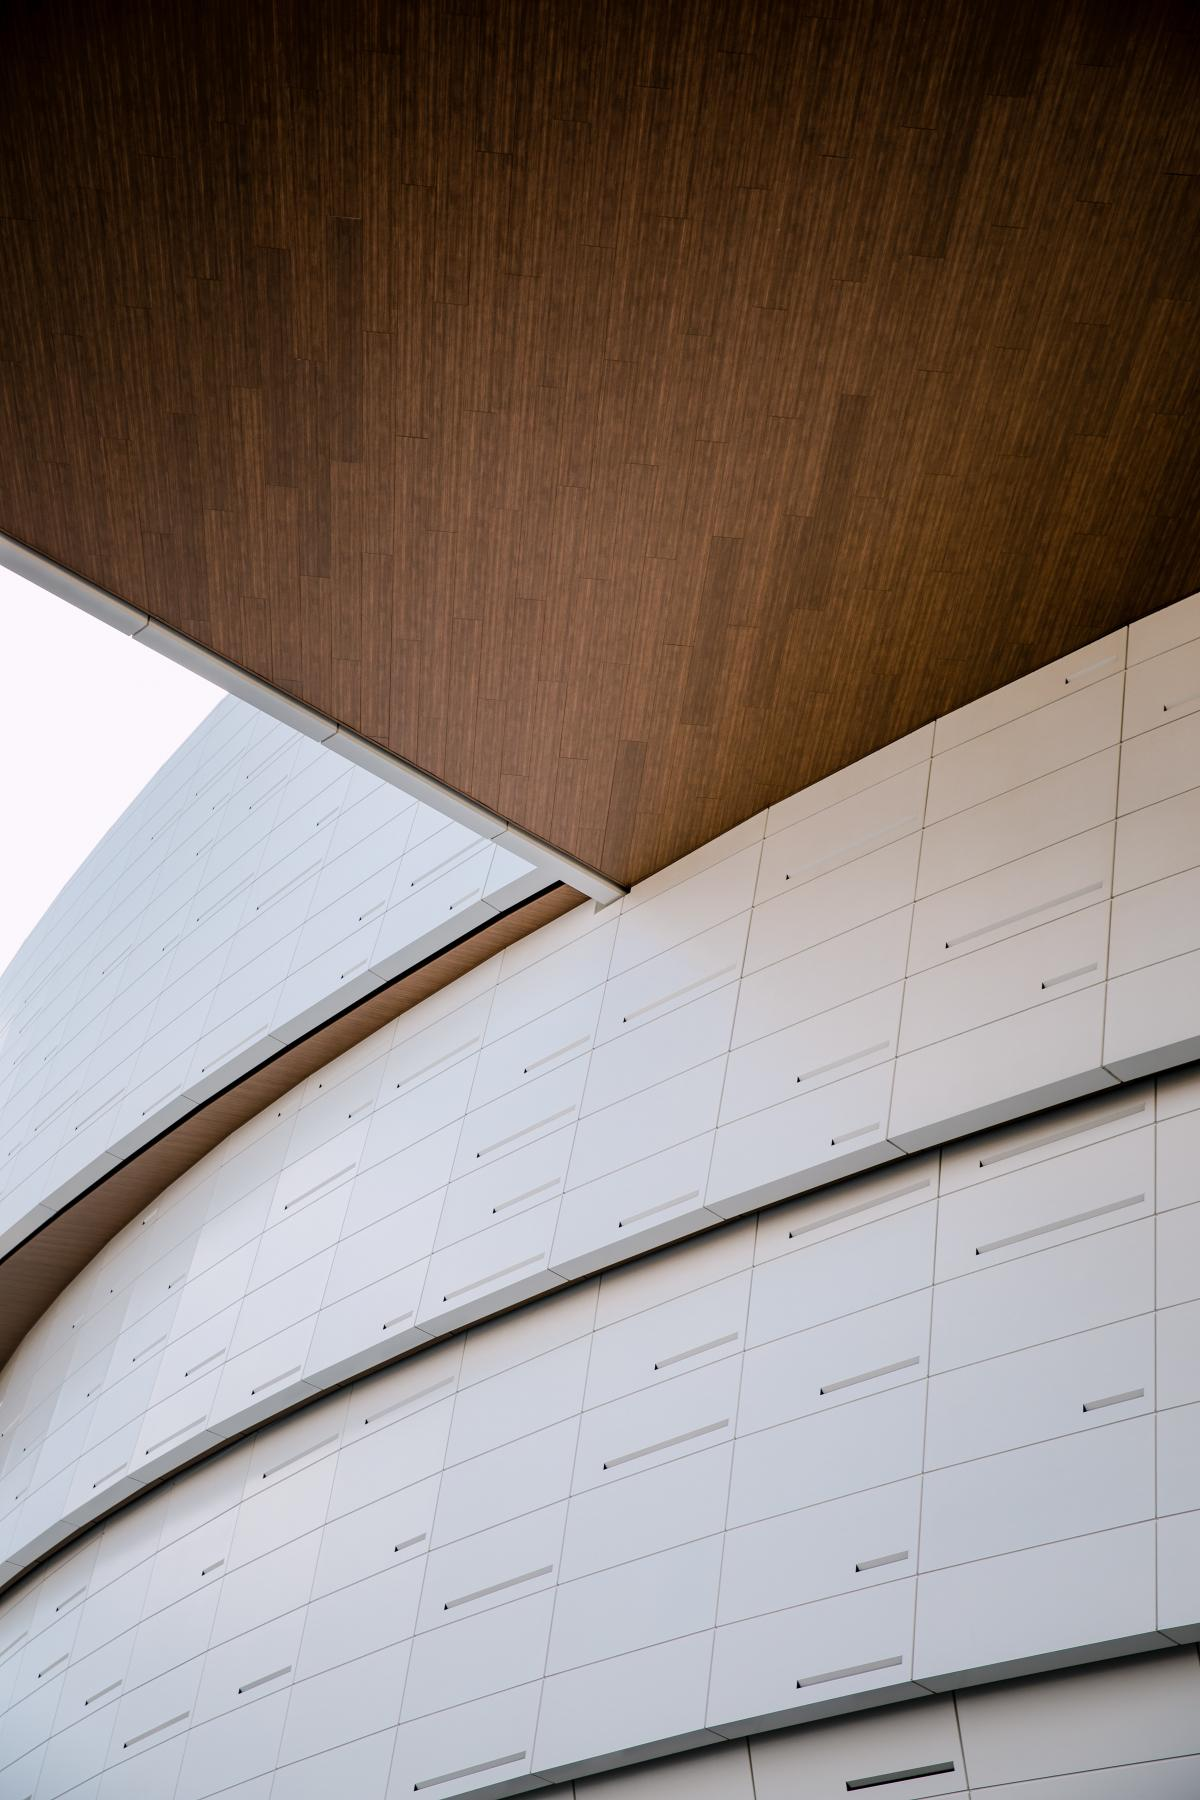 Wall Design Architecture #426344